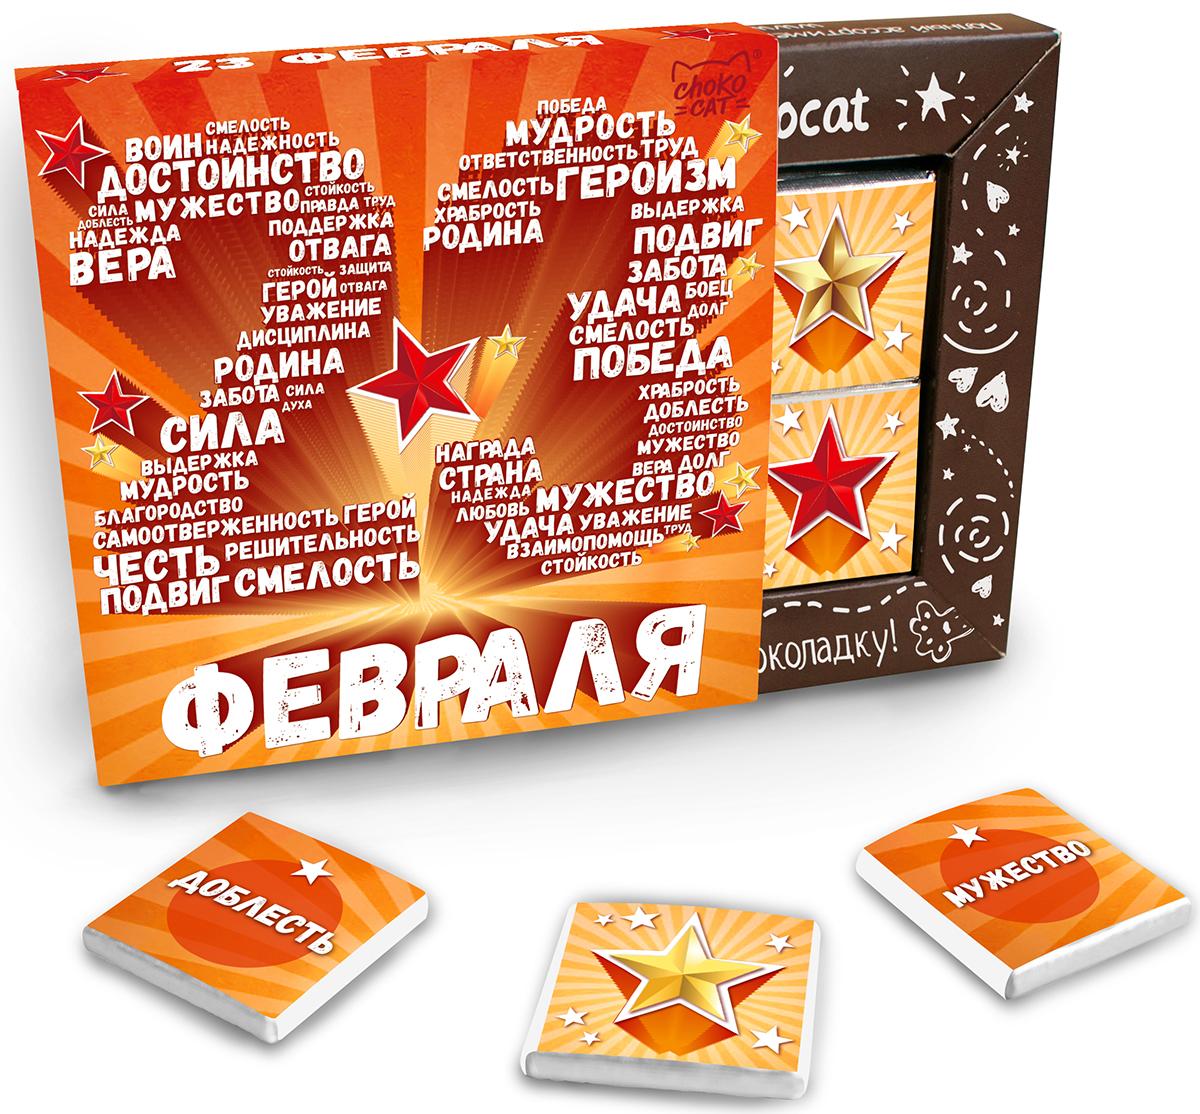 Chokocat С 23 февраля молочный шоколад, 60 г nestle молочко nestle nestogen 3 нестожен 700 г